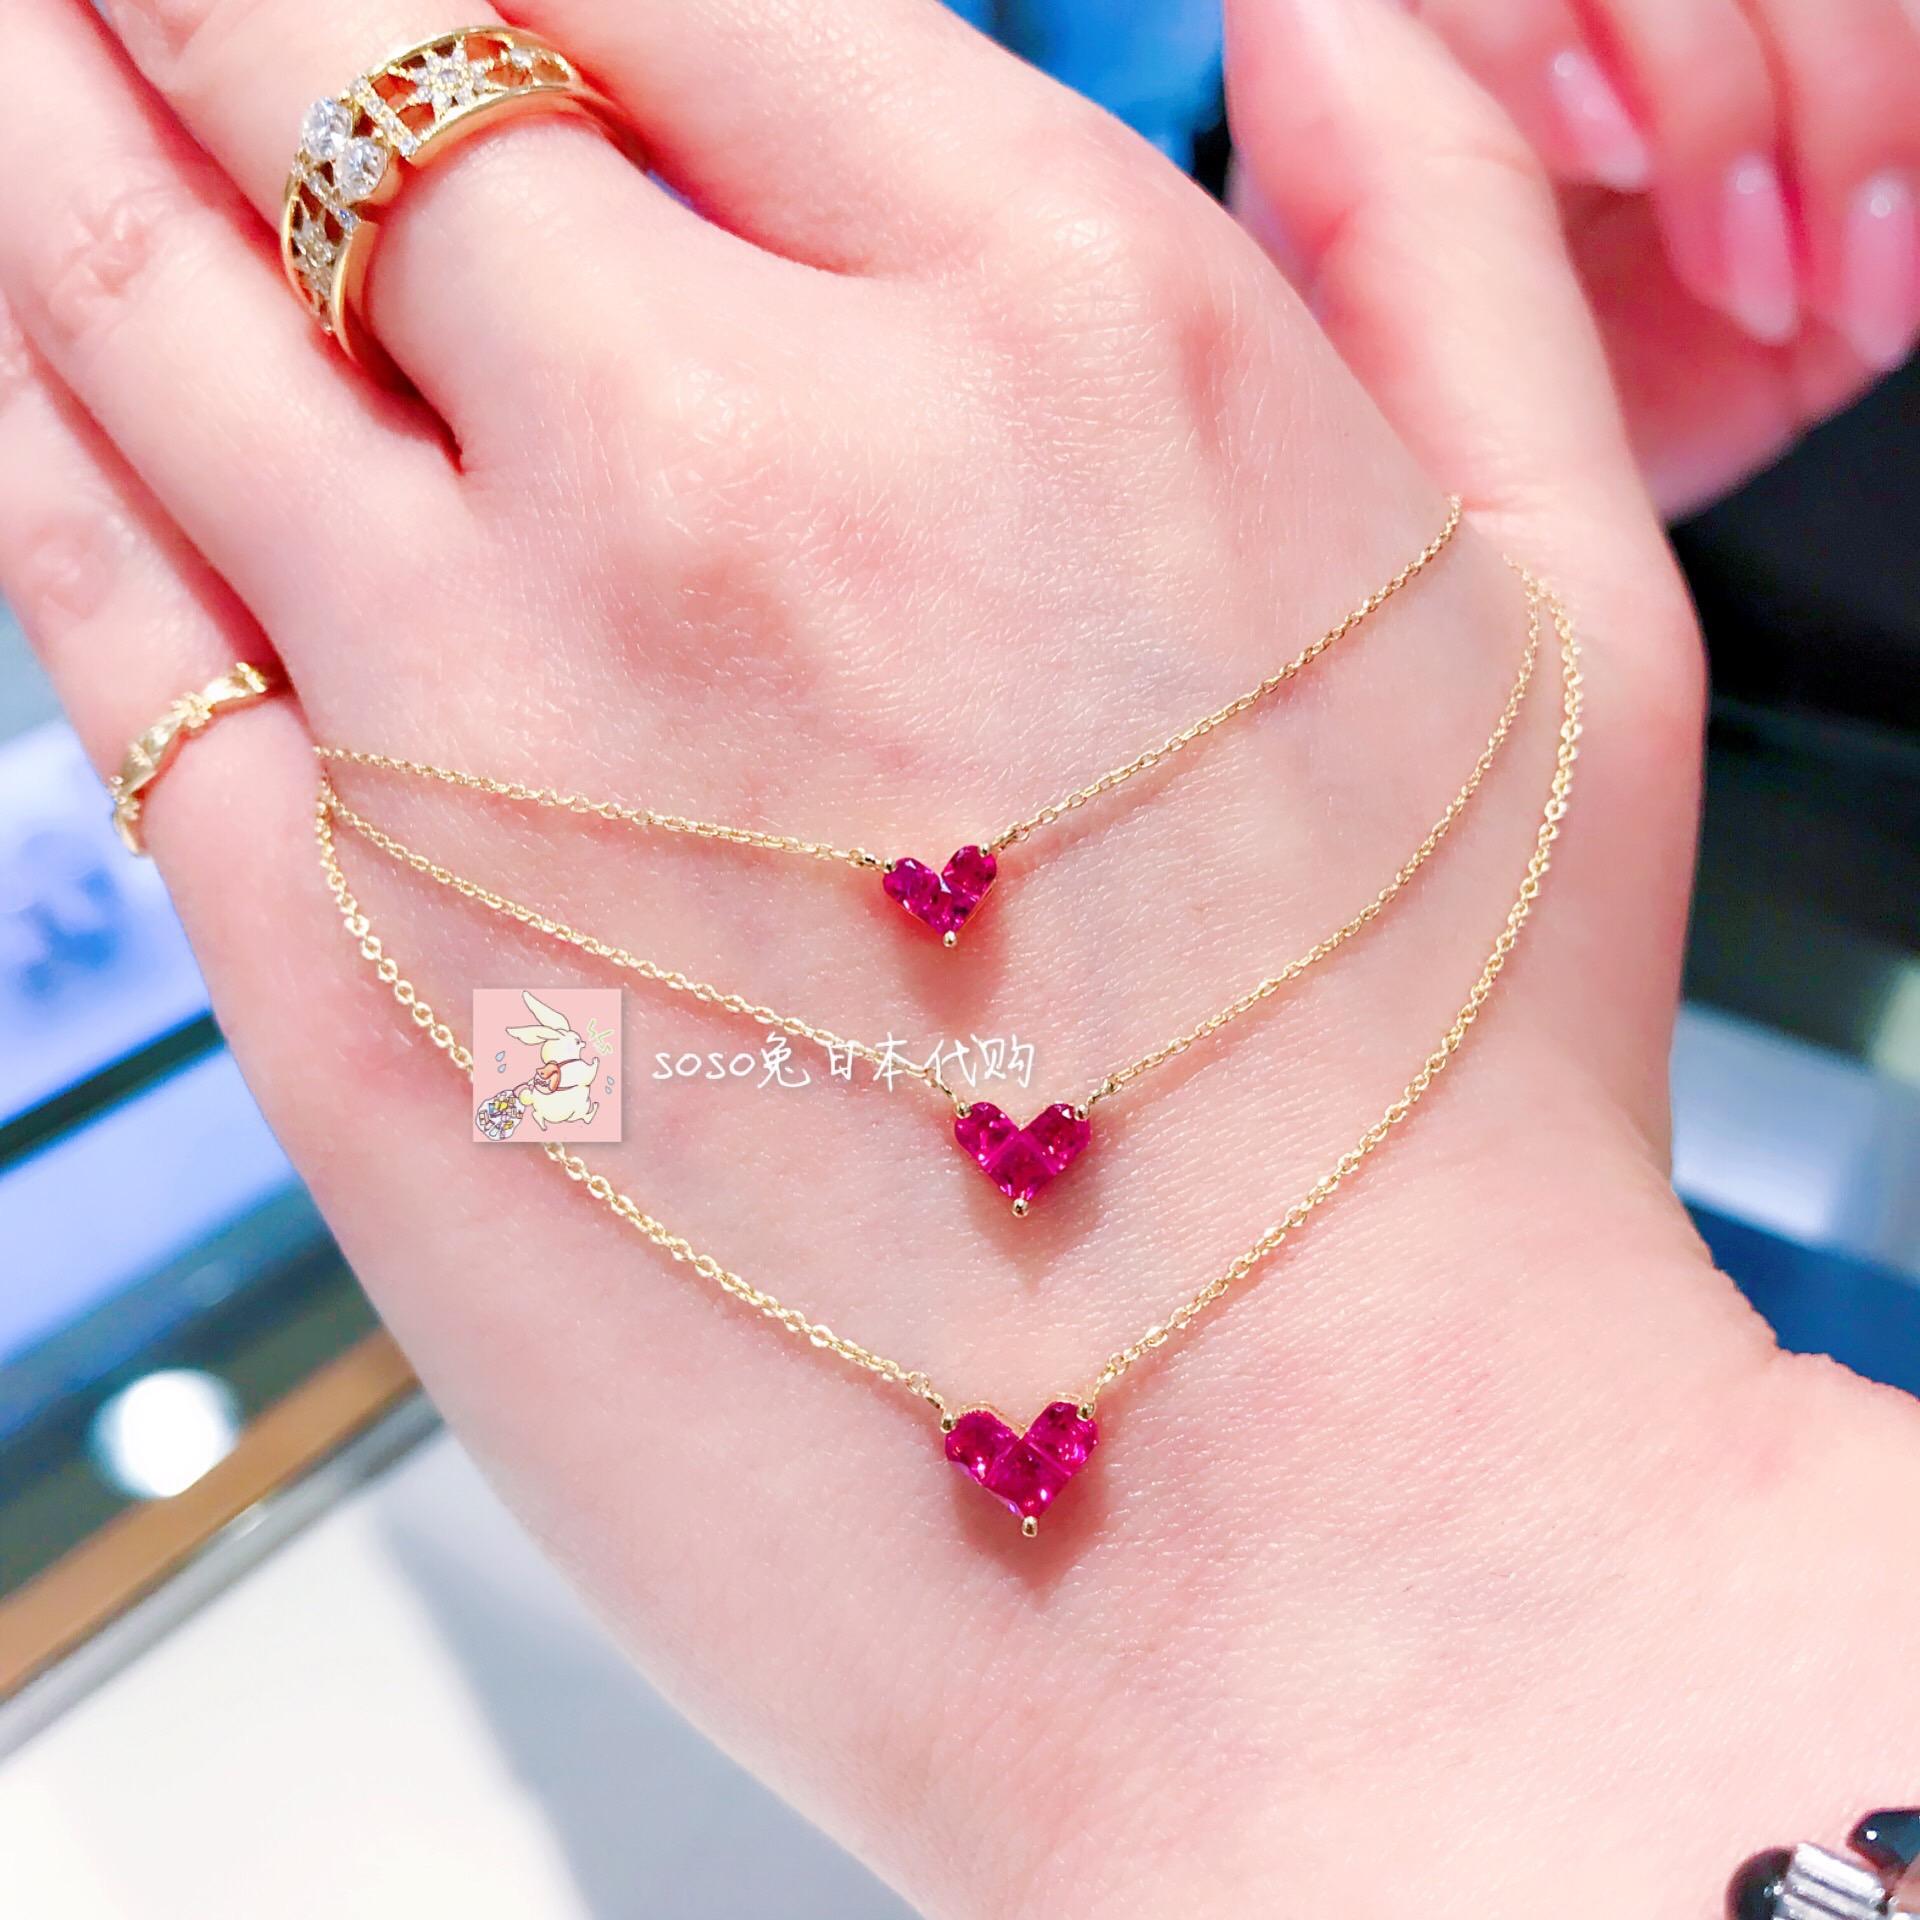 日本正品代购 Star Jewelry 神秘爱心红宝石18K黄金/白金 项链